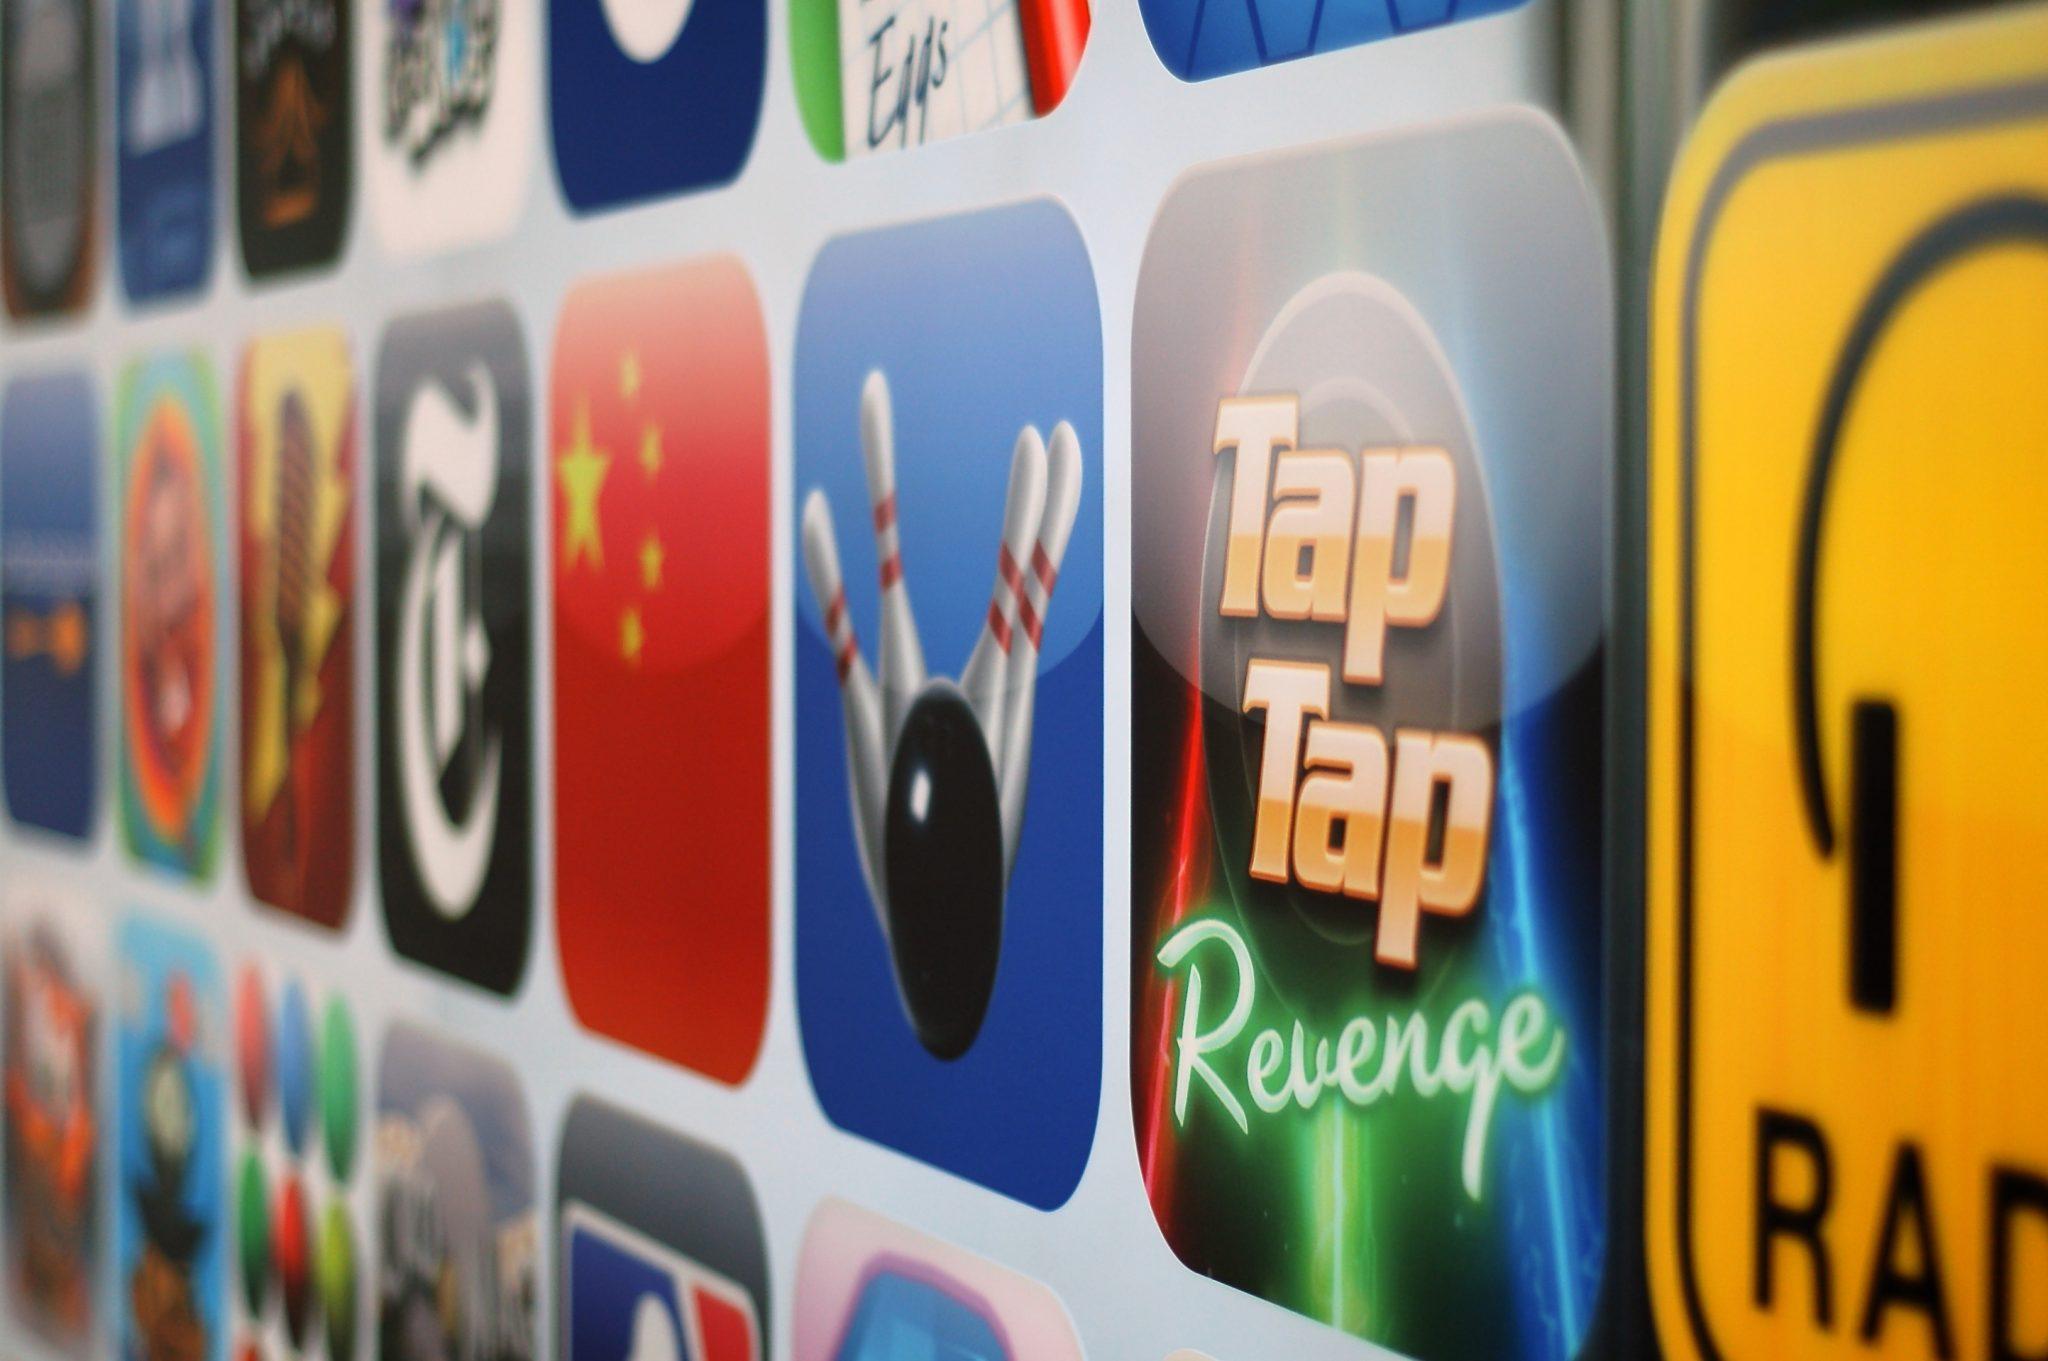 Apple tagliati i compensi dei vertici nonostante fatturati App Store da capogiro